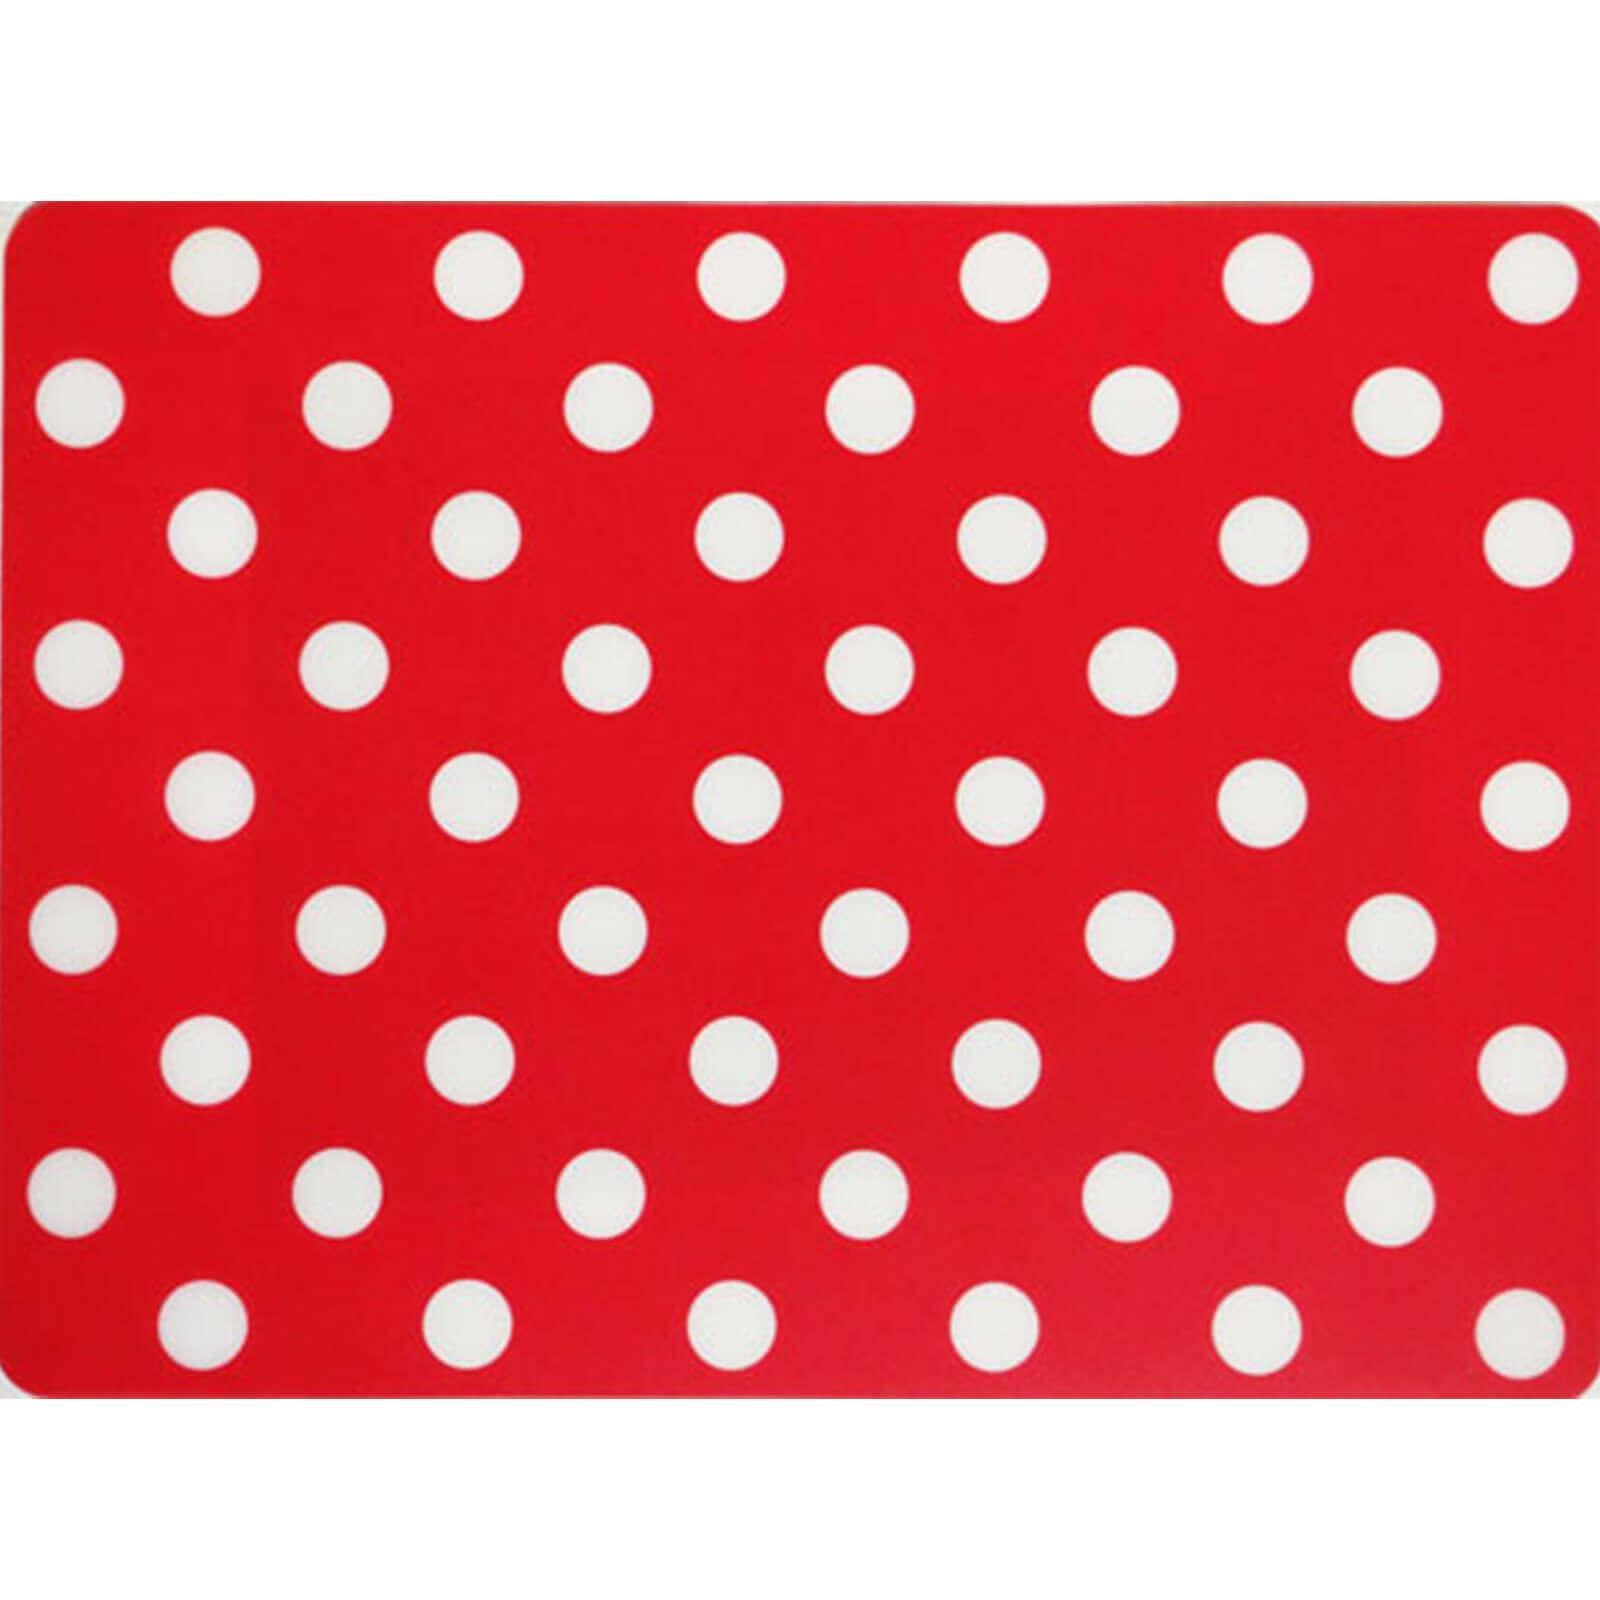 Tischset Rot Mit Weissen Punkten Partydeko Partyartikel Fur Mott